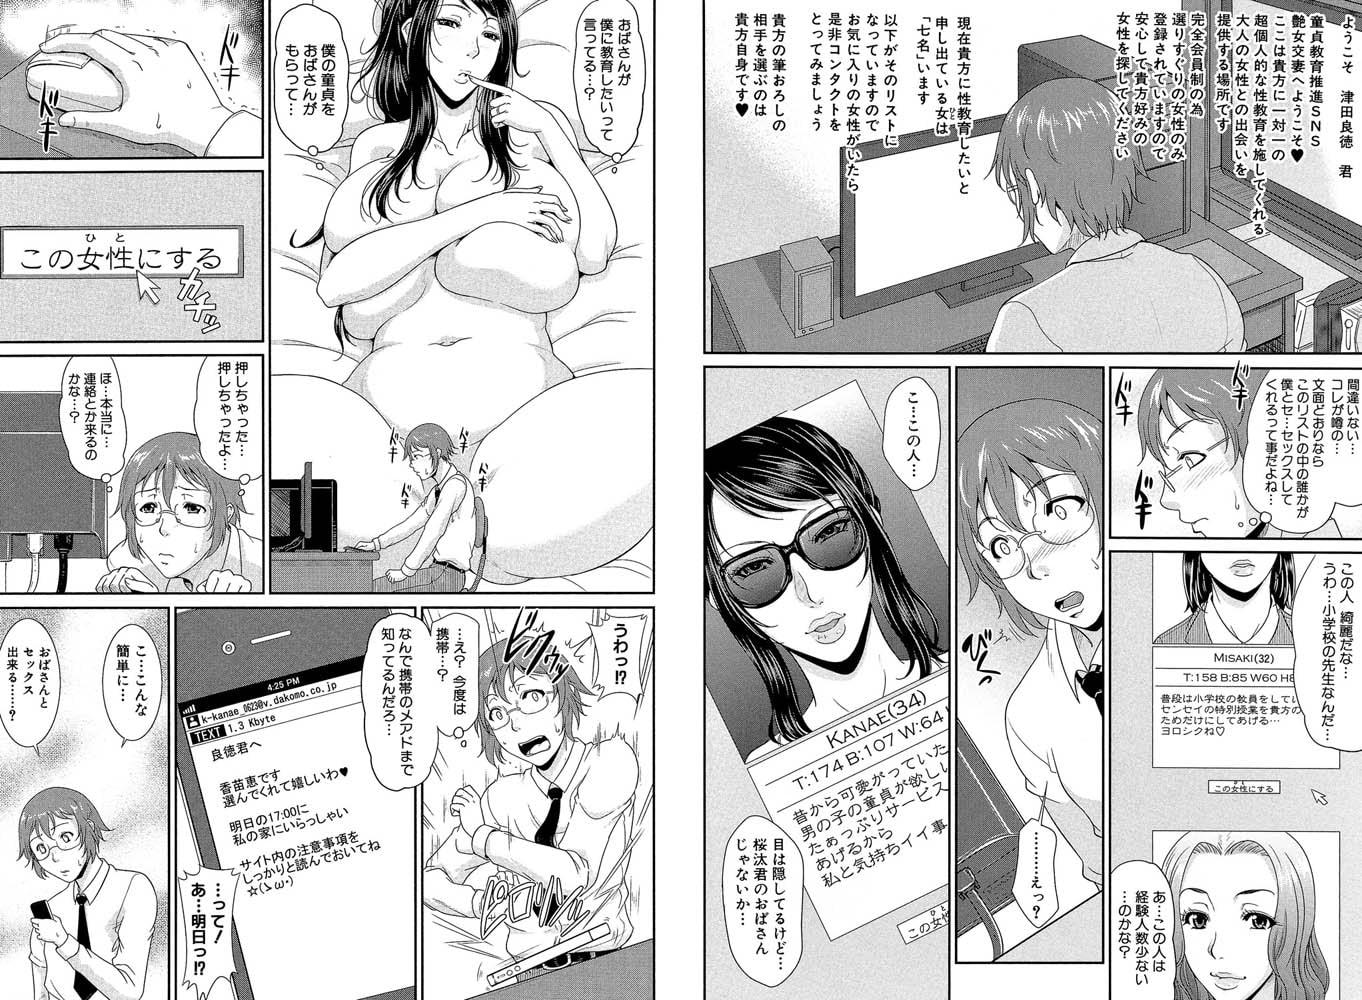 艶女交妻【第1話体験版付き】